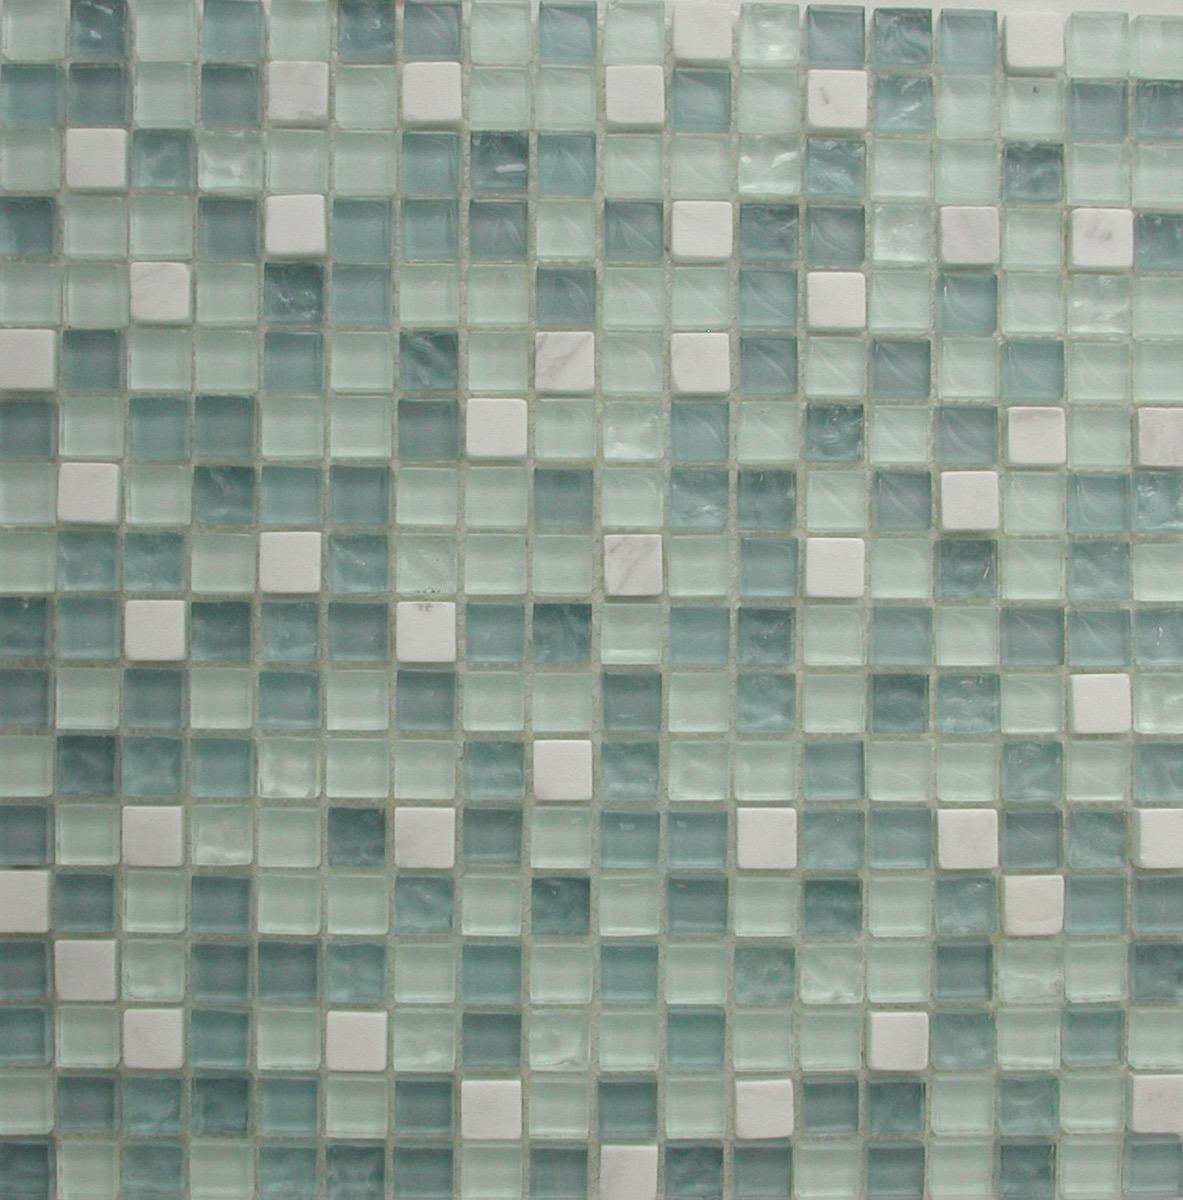 Carrelage Salle De Bain Bleu Turquoise bleu mosaïque mix bleu turquoise clair et marbre blanc pâte de verre  vétrocristal plaque 30 cm